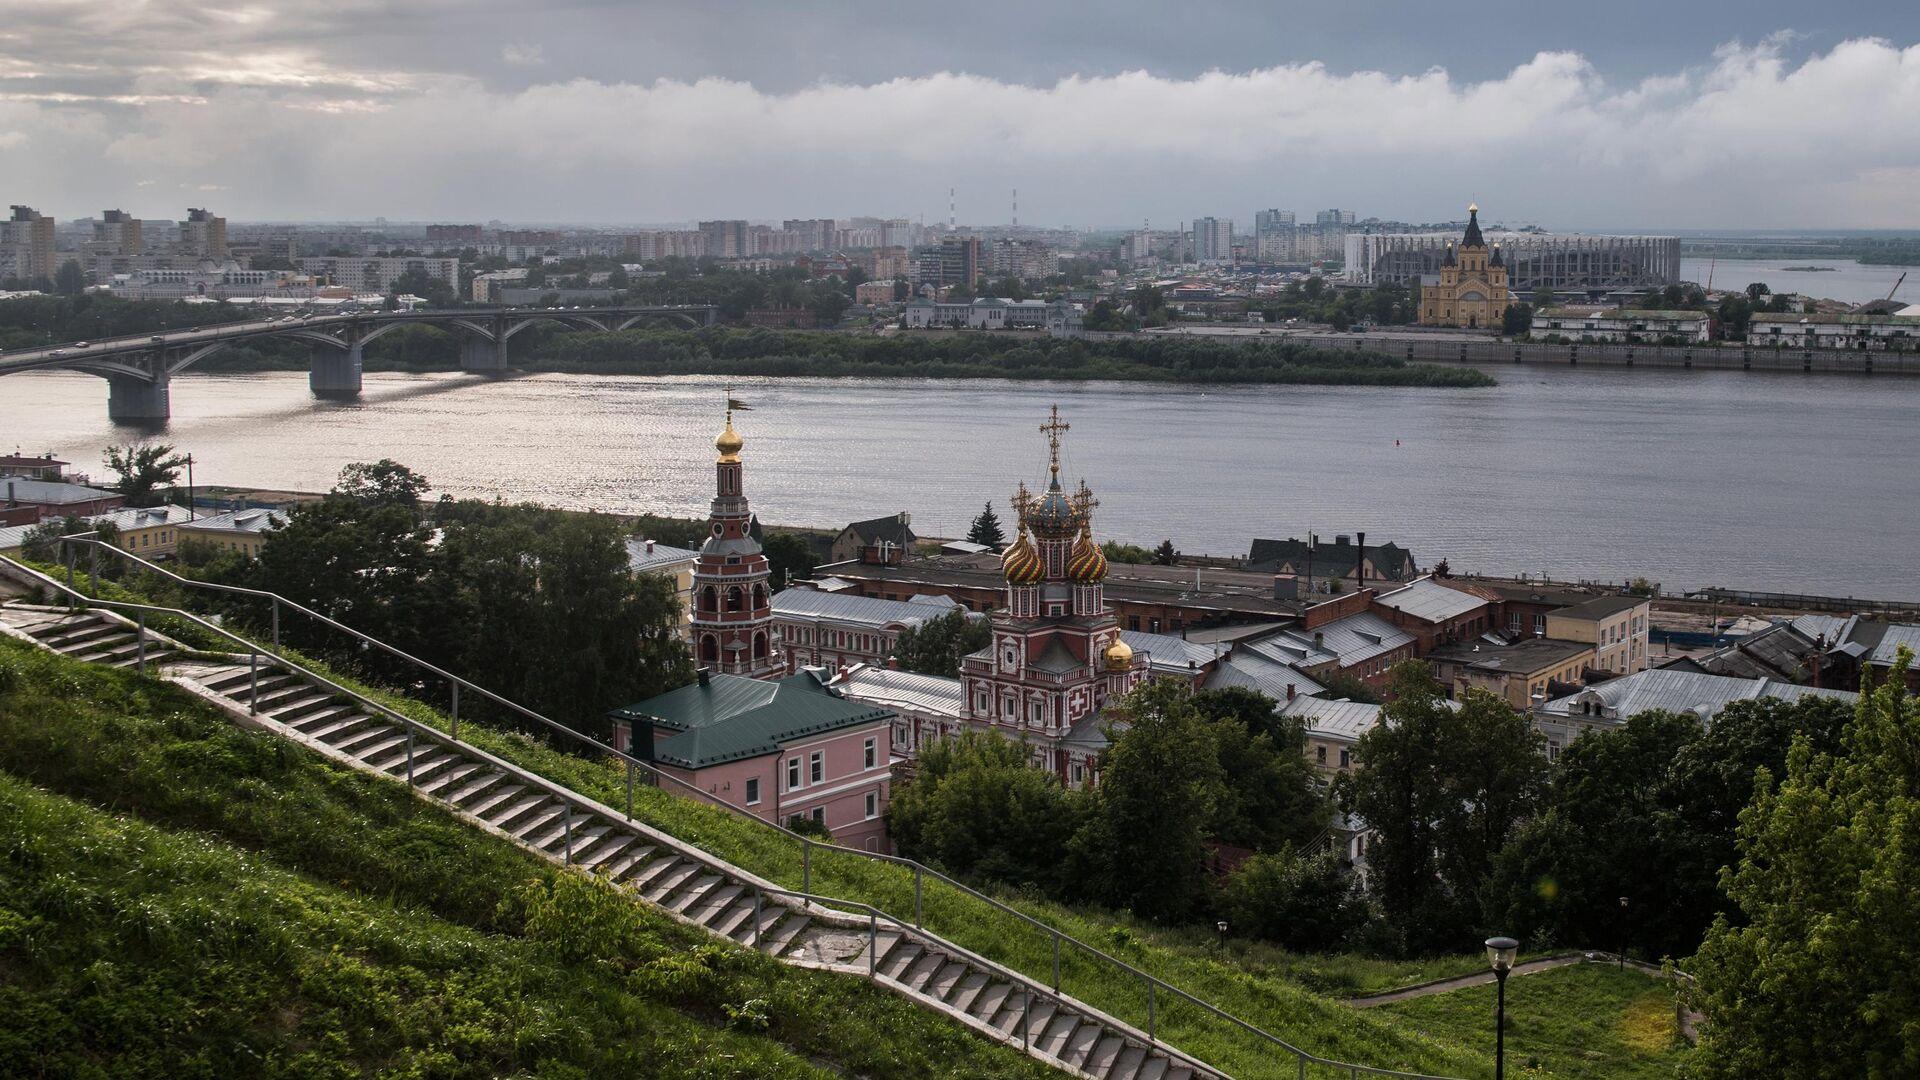 Церковь собора Пресвятой Богородицы в Нижнем Новгороде - РИА Новости, 1920, 21.09.2020